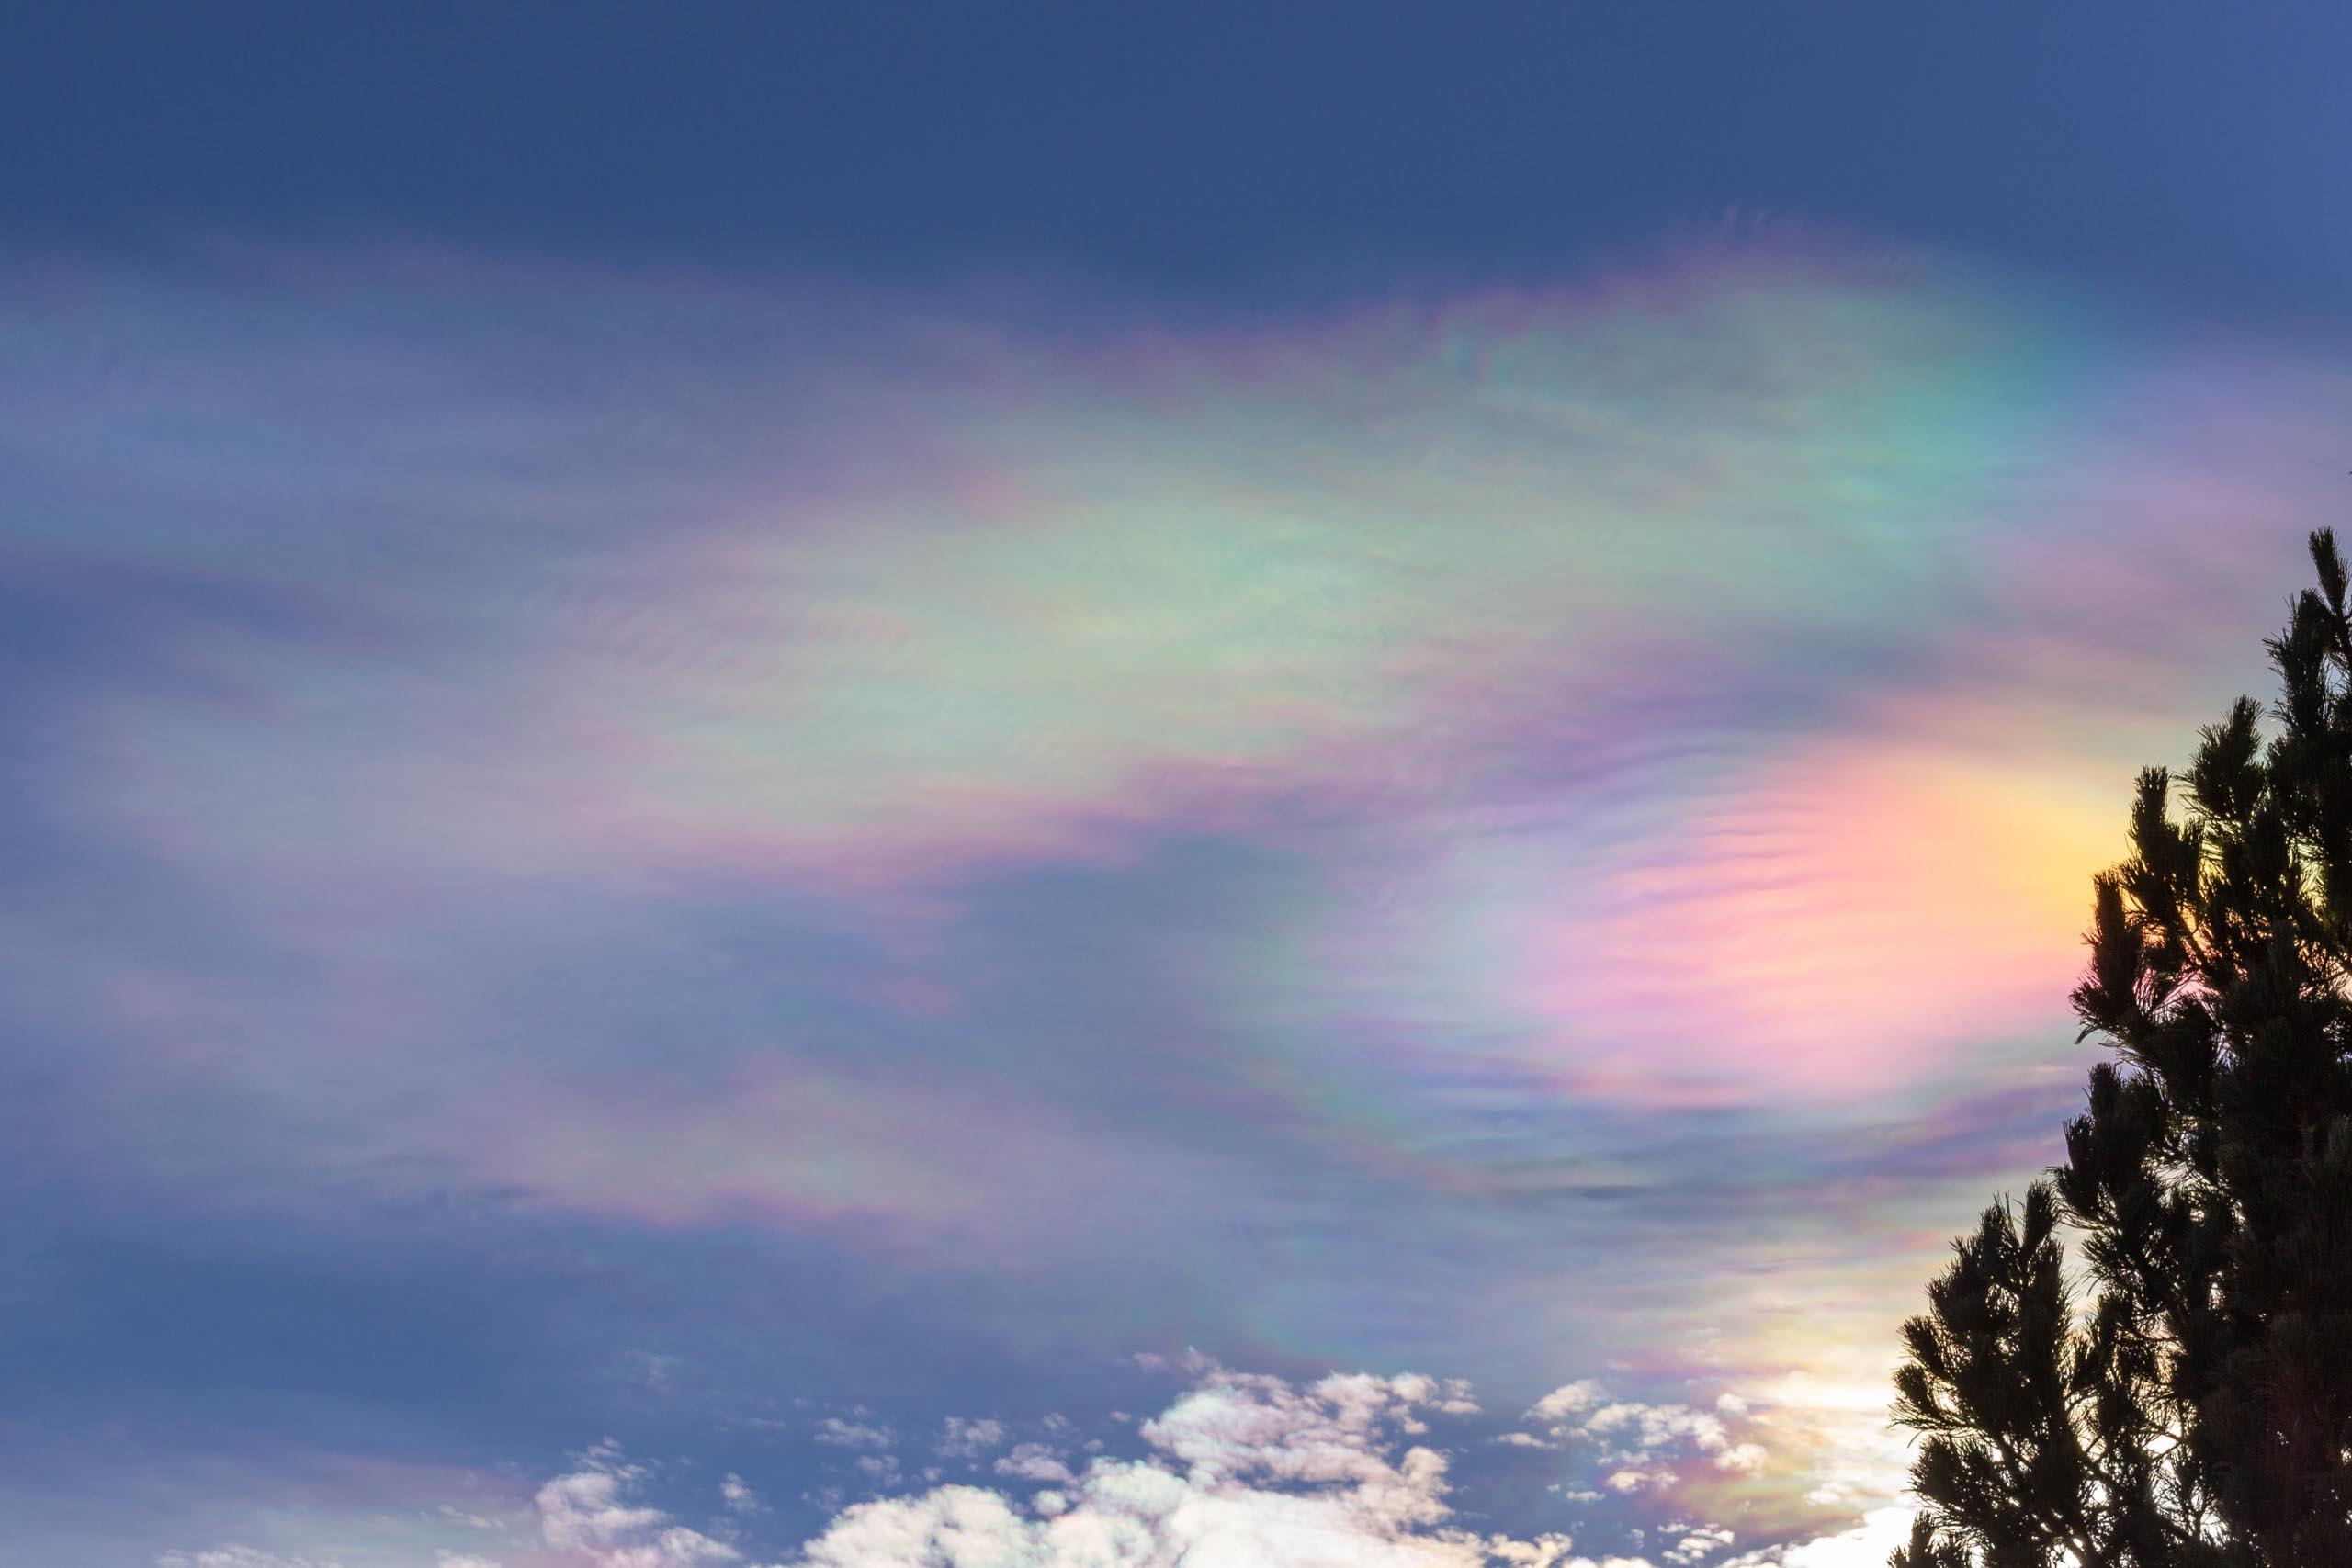 TAT iridescent clouds 001